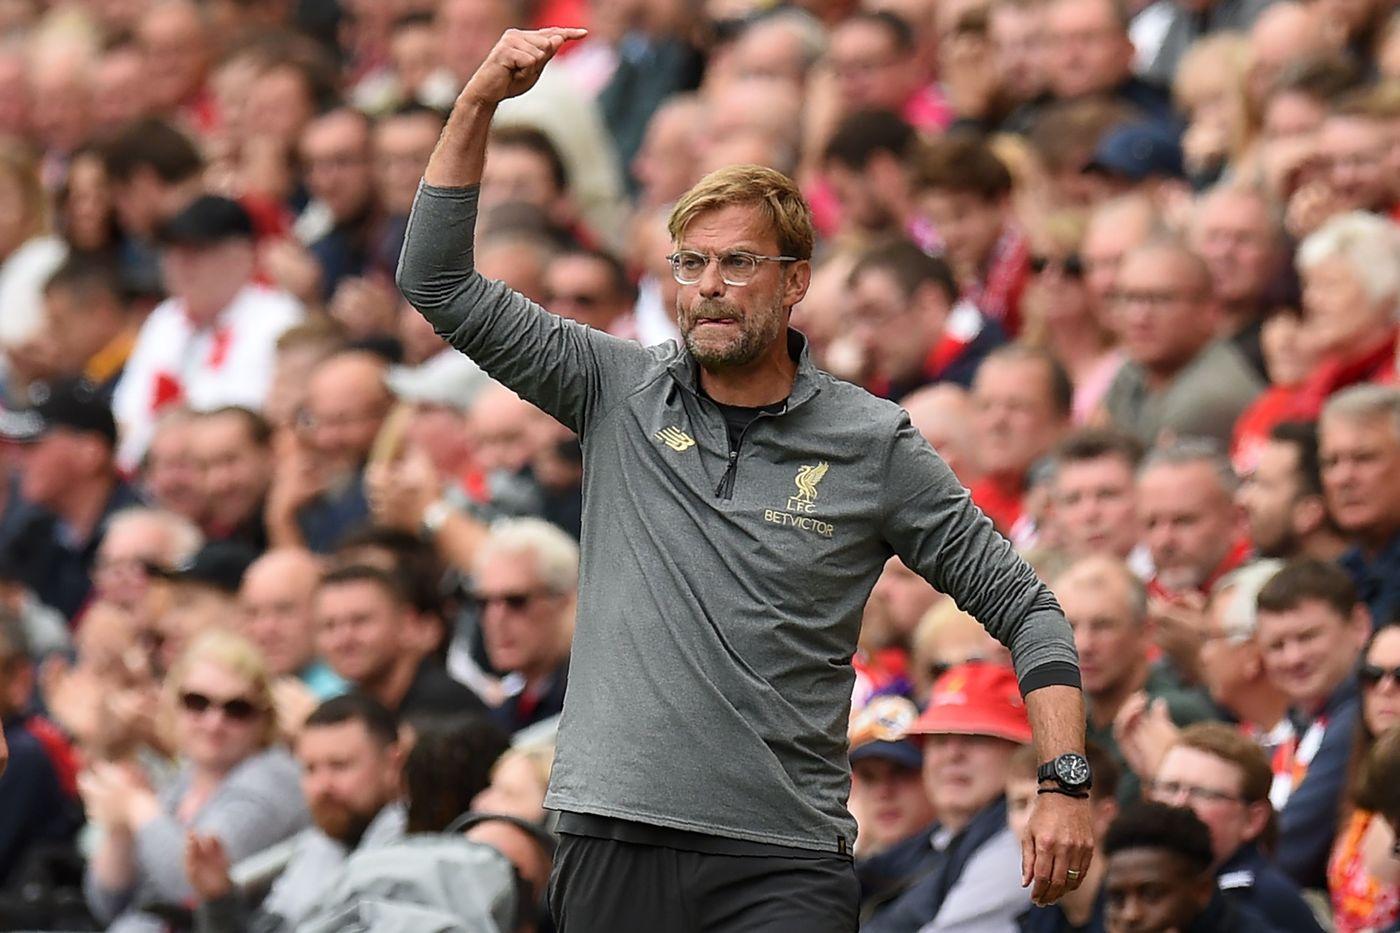 Premier League, Bournemouth-Liverpool 8 dicembre: analisi e pronostico della giornata della massima divisione calcistica inglese